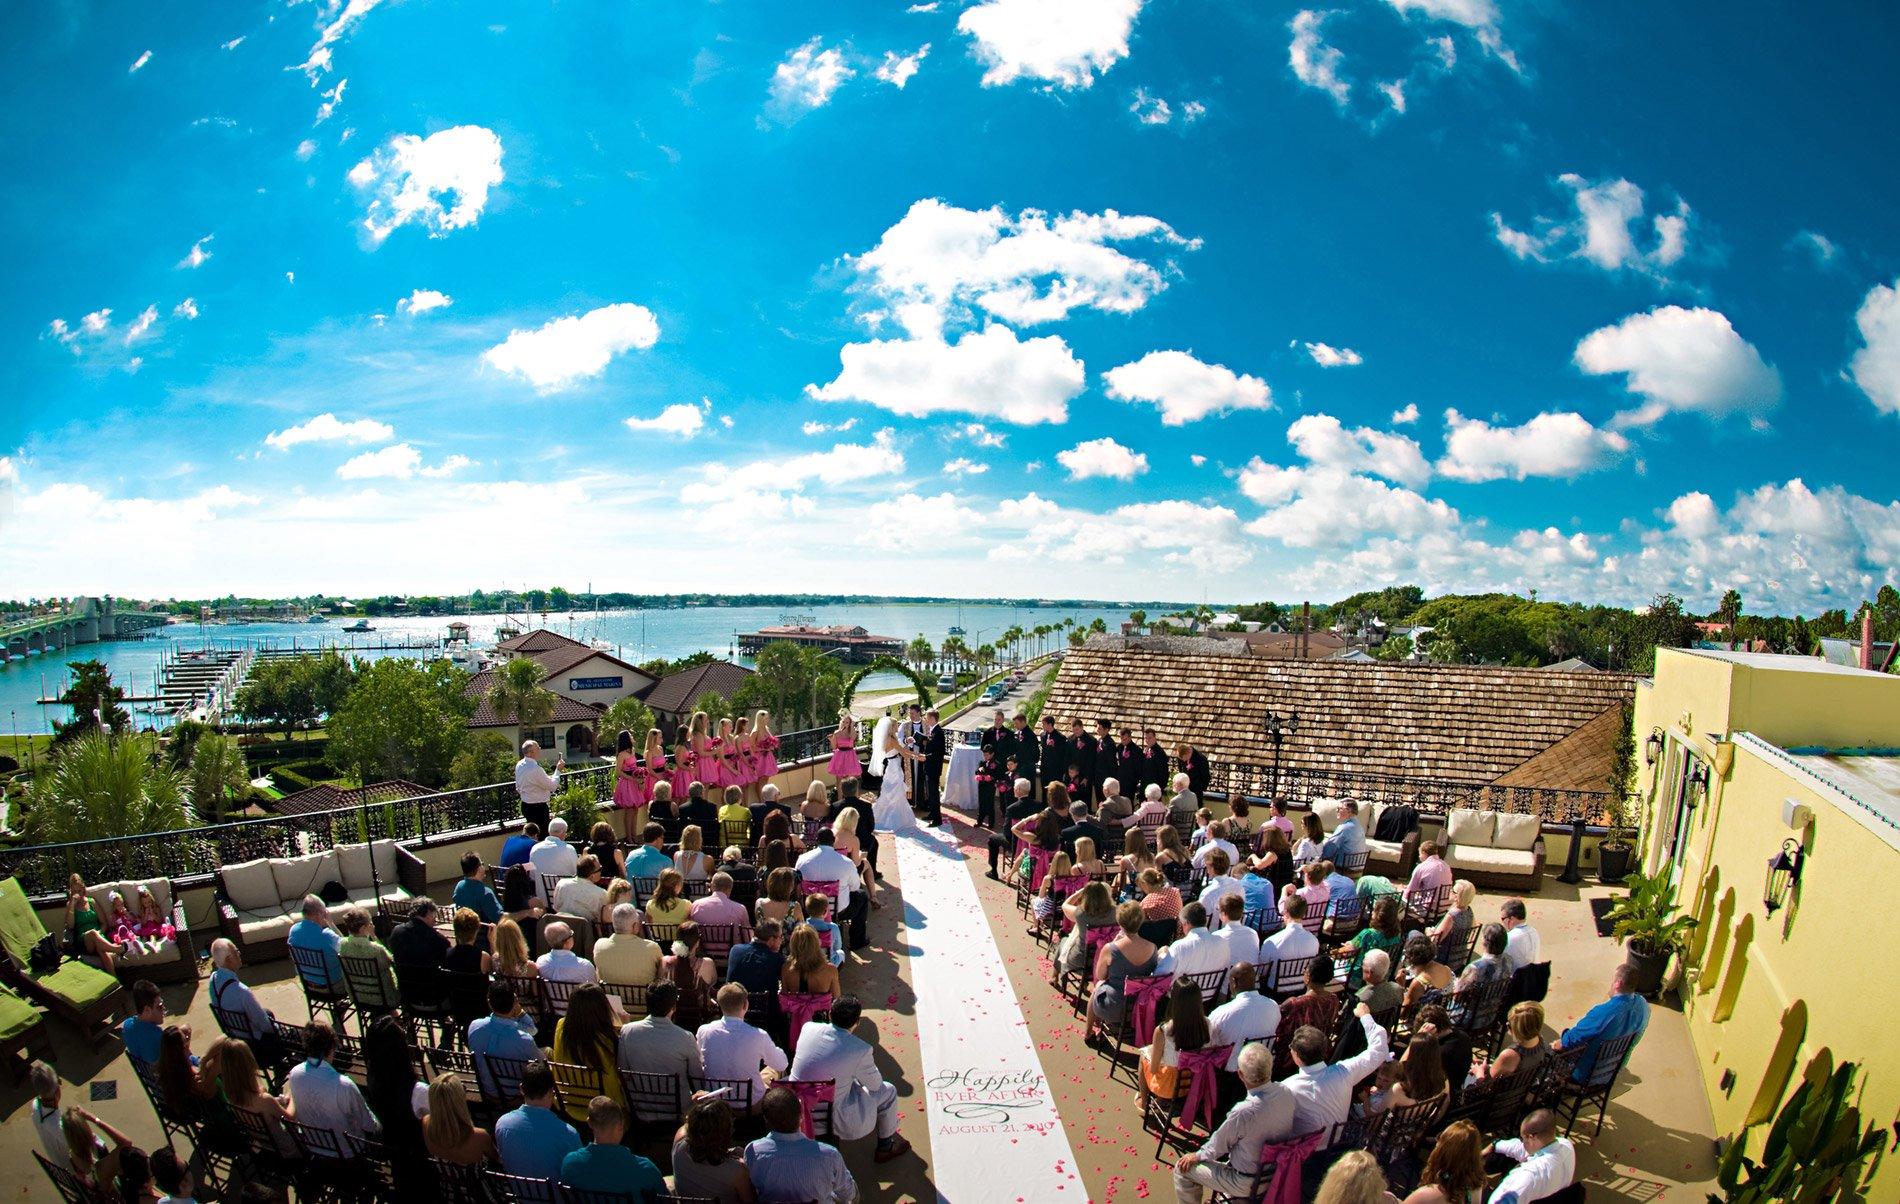 Unique Wedding Venues Near Me For Unforgettable Moment: St. Augustine Wedding Venue